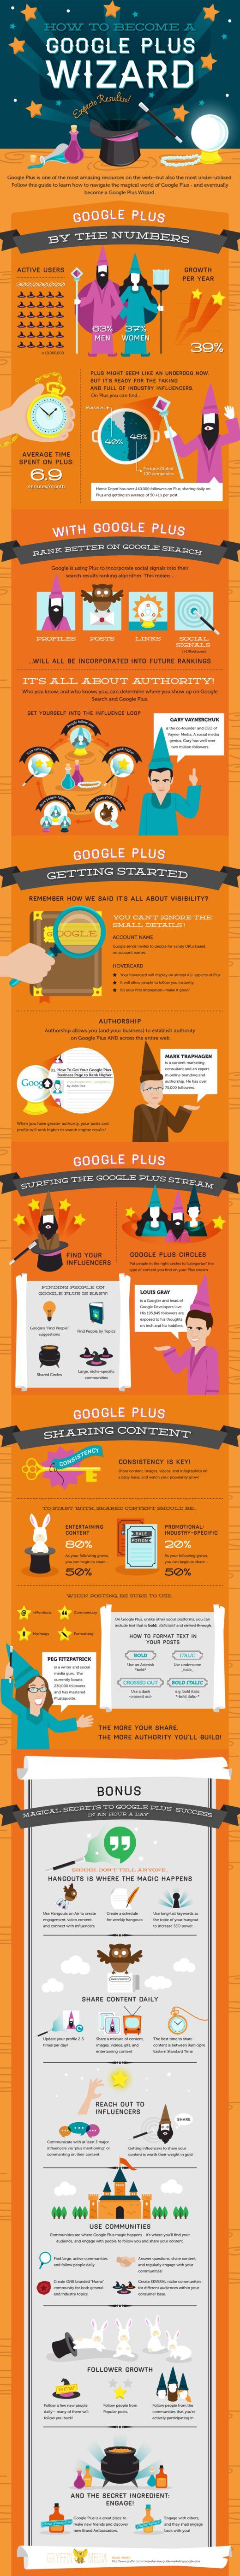 Cómo convertirse en un mago de Google Plus